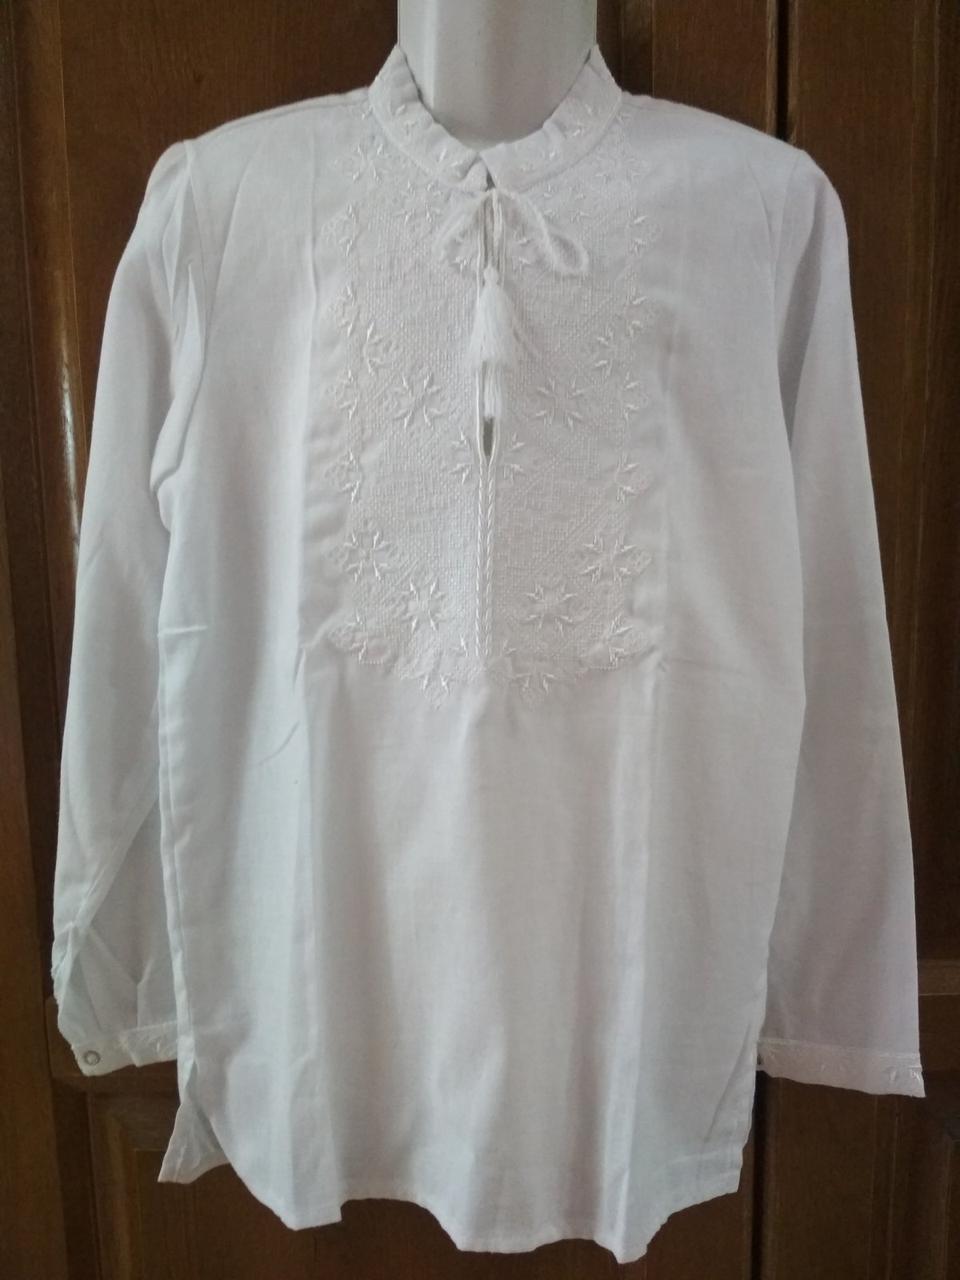 Вишиванка для хлопця, біла по білому  вишивка, на 140 зріст